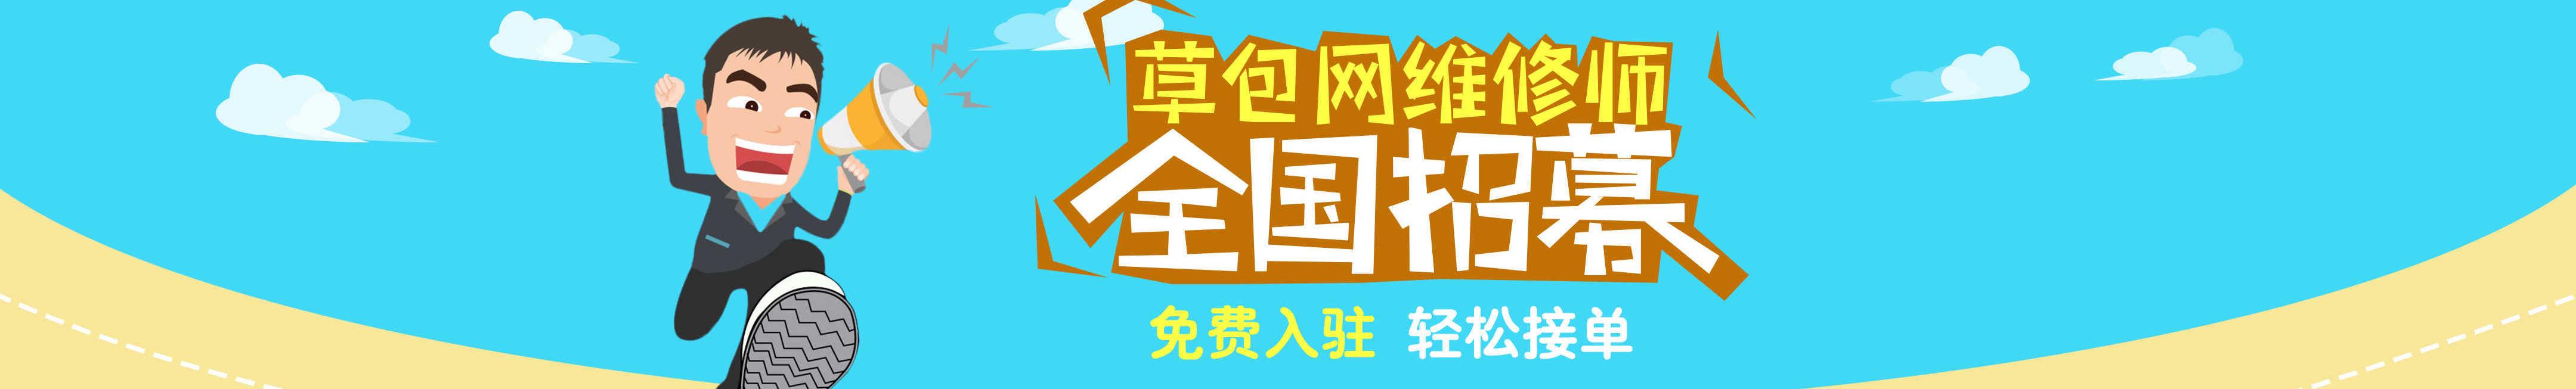 草包网手机维修视频教程 banner